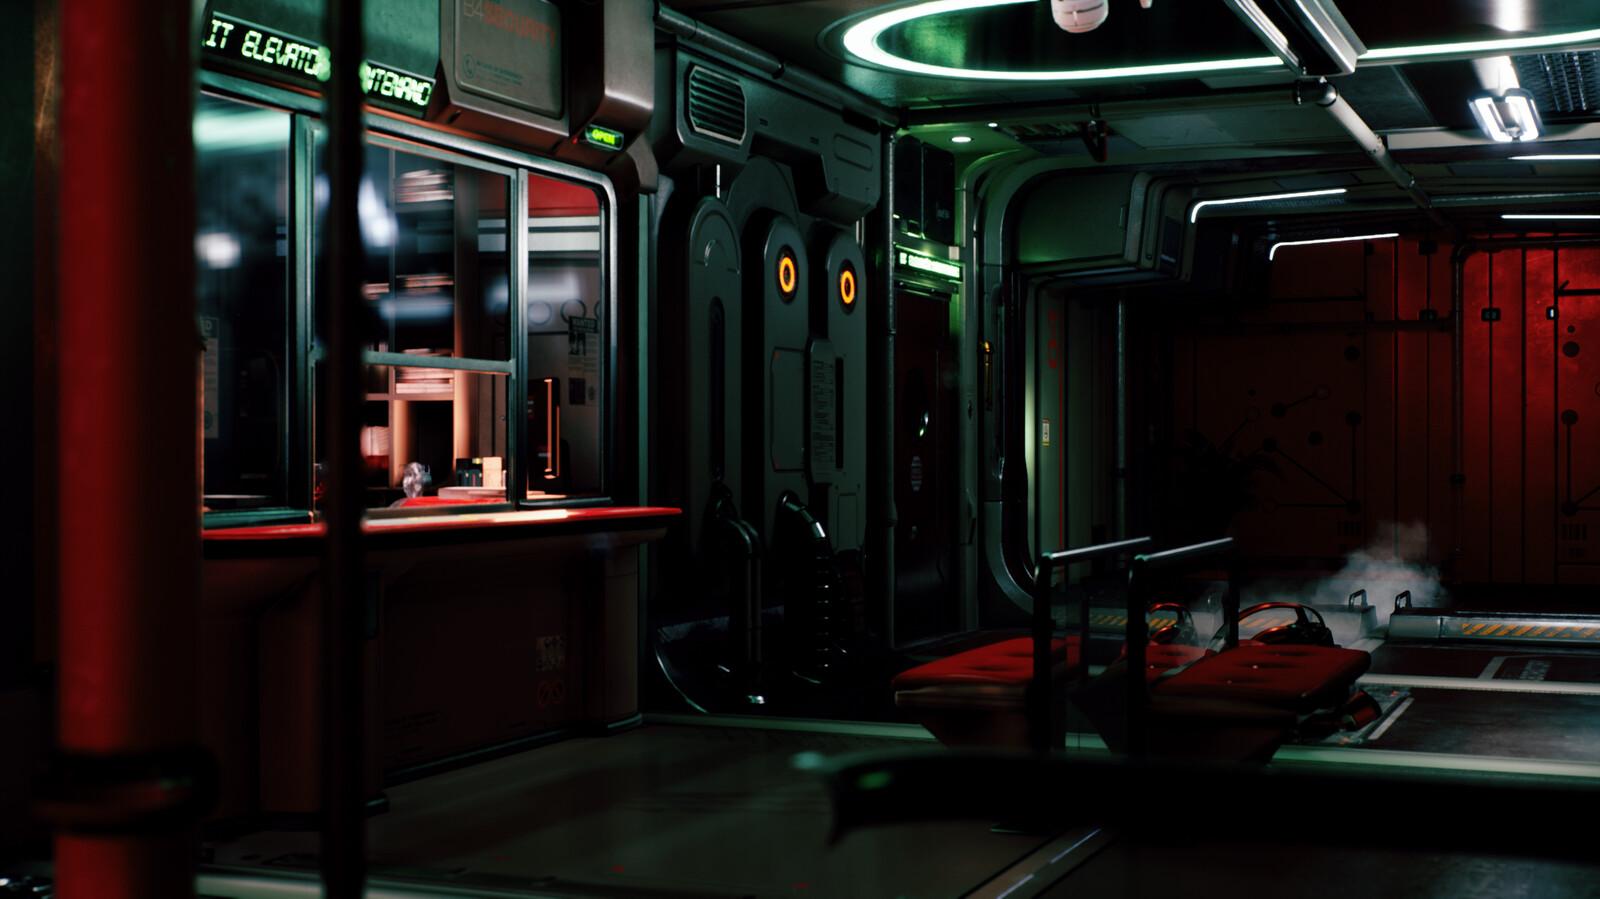 SciFi Corridor: Lighting Studies